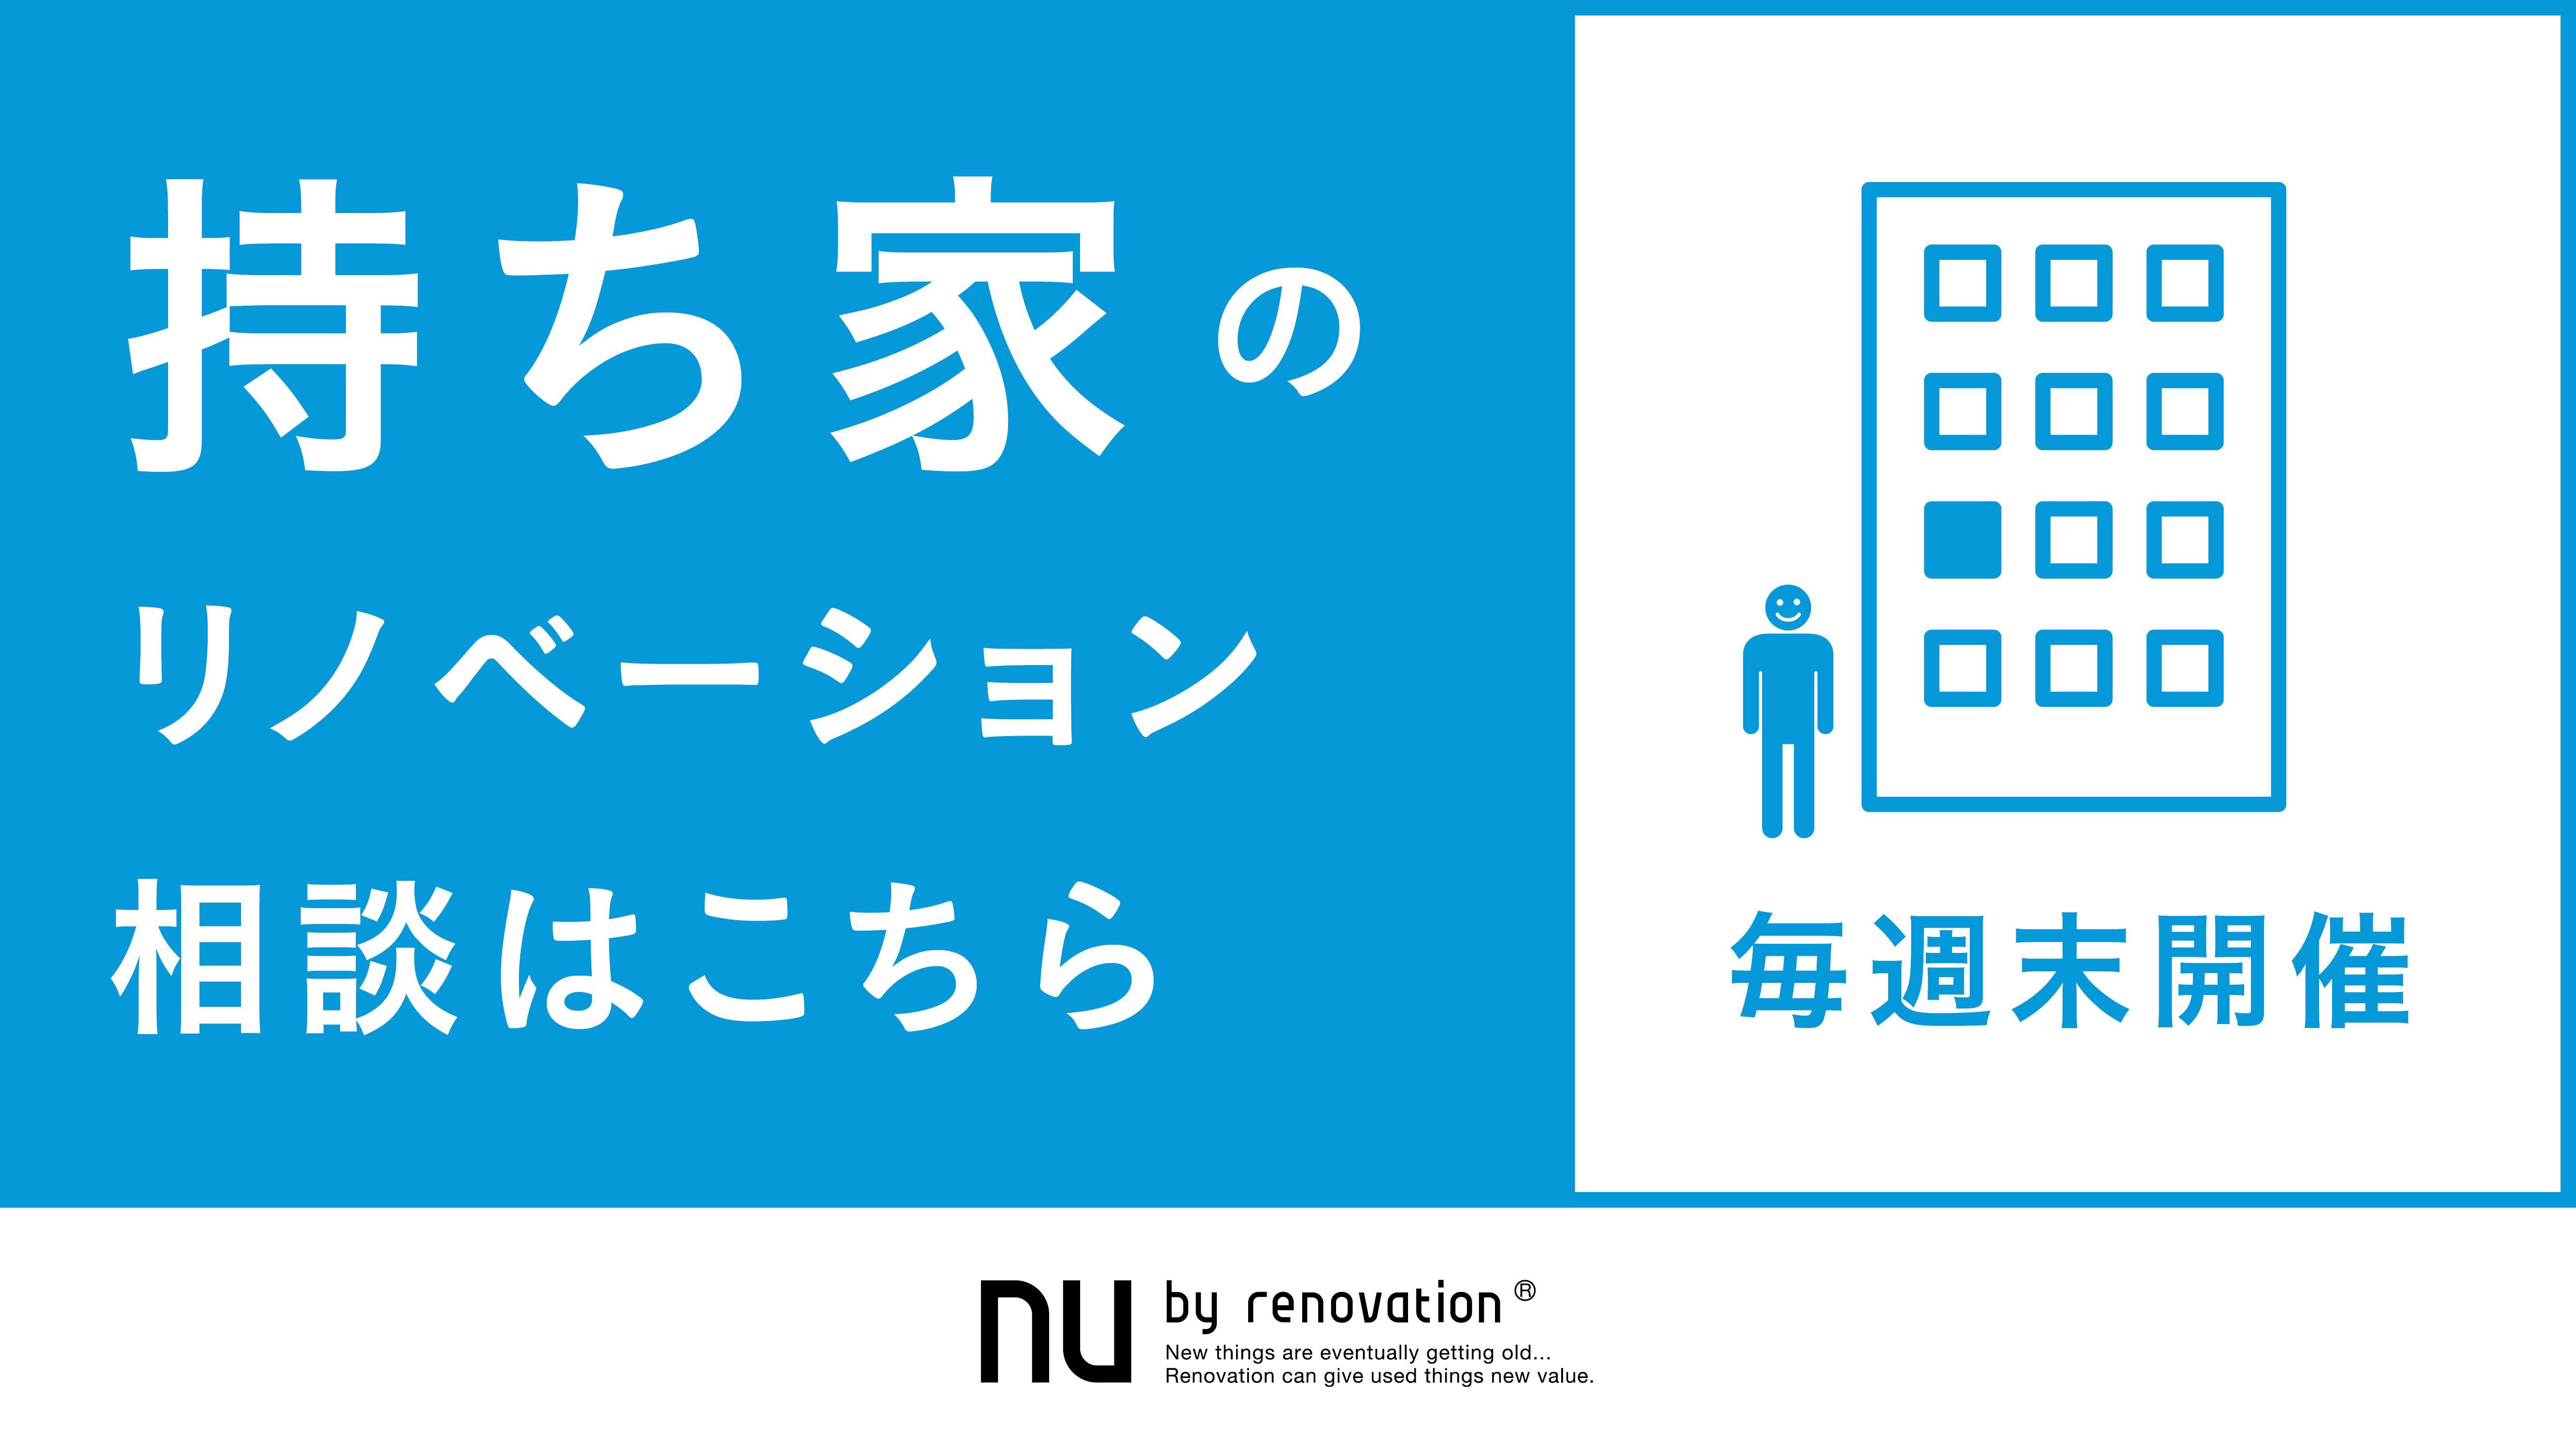 【10/7(土)8(日)9(月・祝) in恵比寿】持ち家のリノベーション相談はこちら